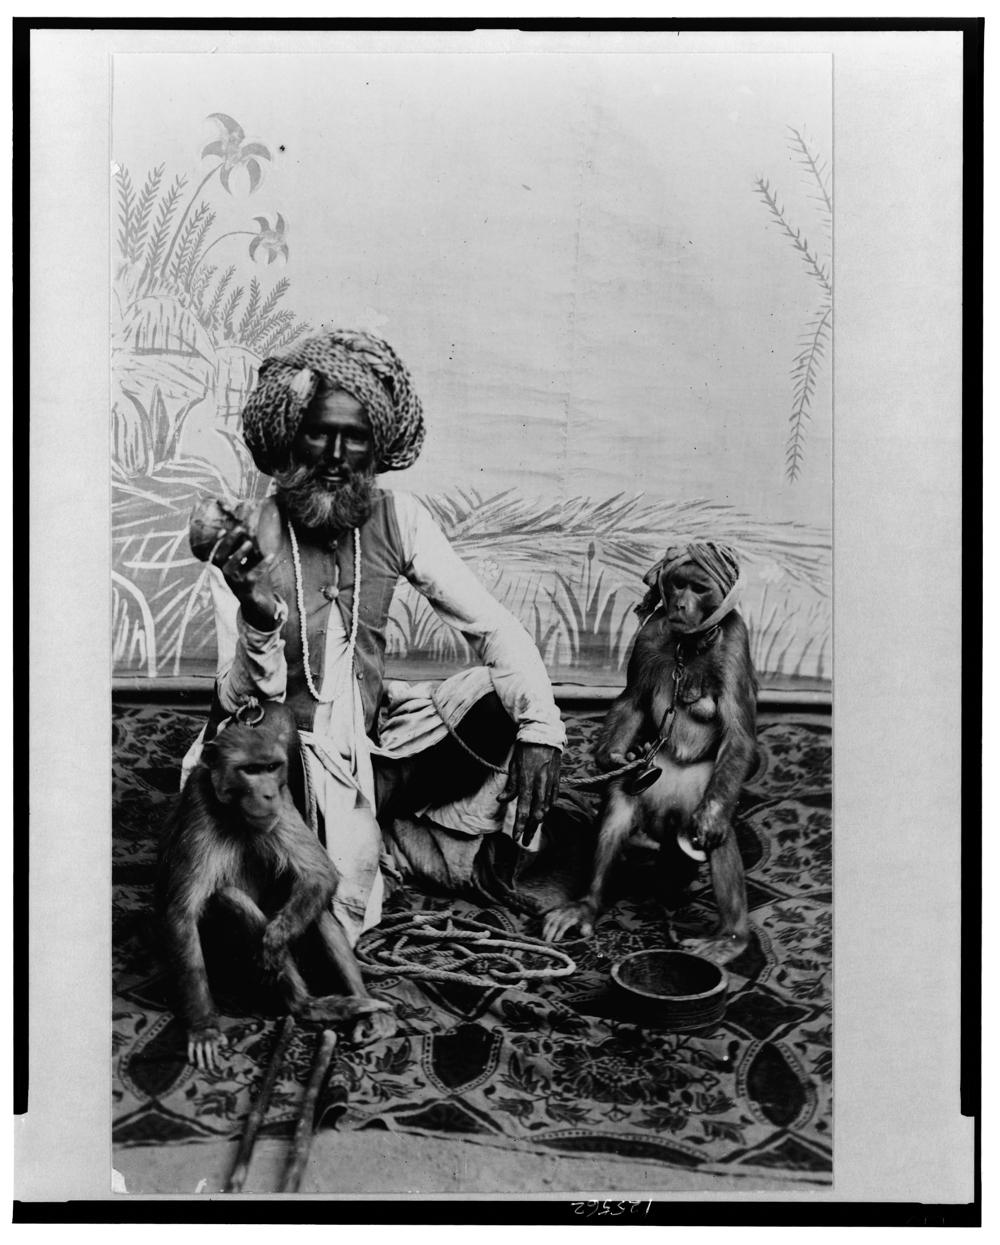 India--Fakir with monkeys